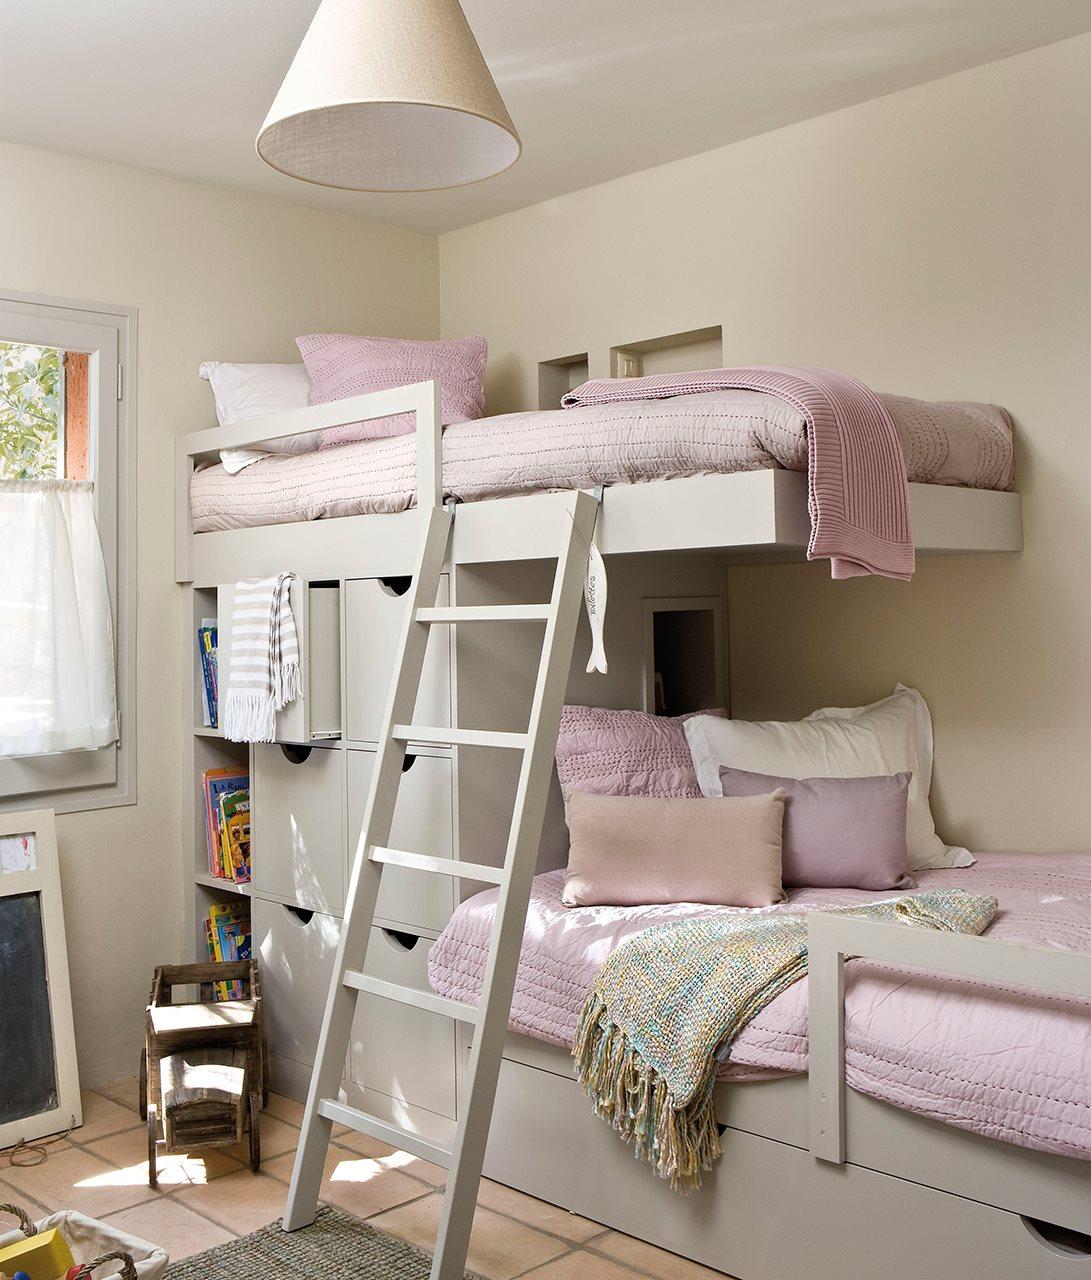 10 ideas para una habitaci n de dos o m s - Cama tipo tren ...